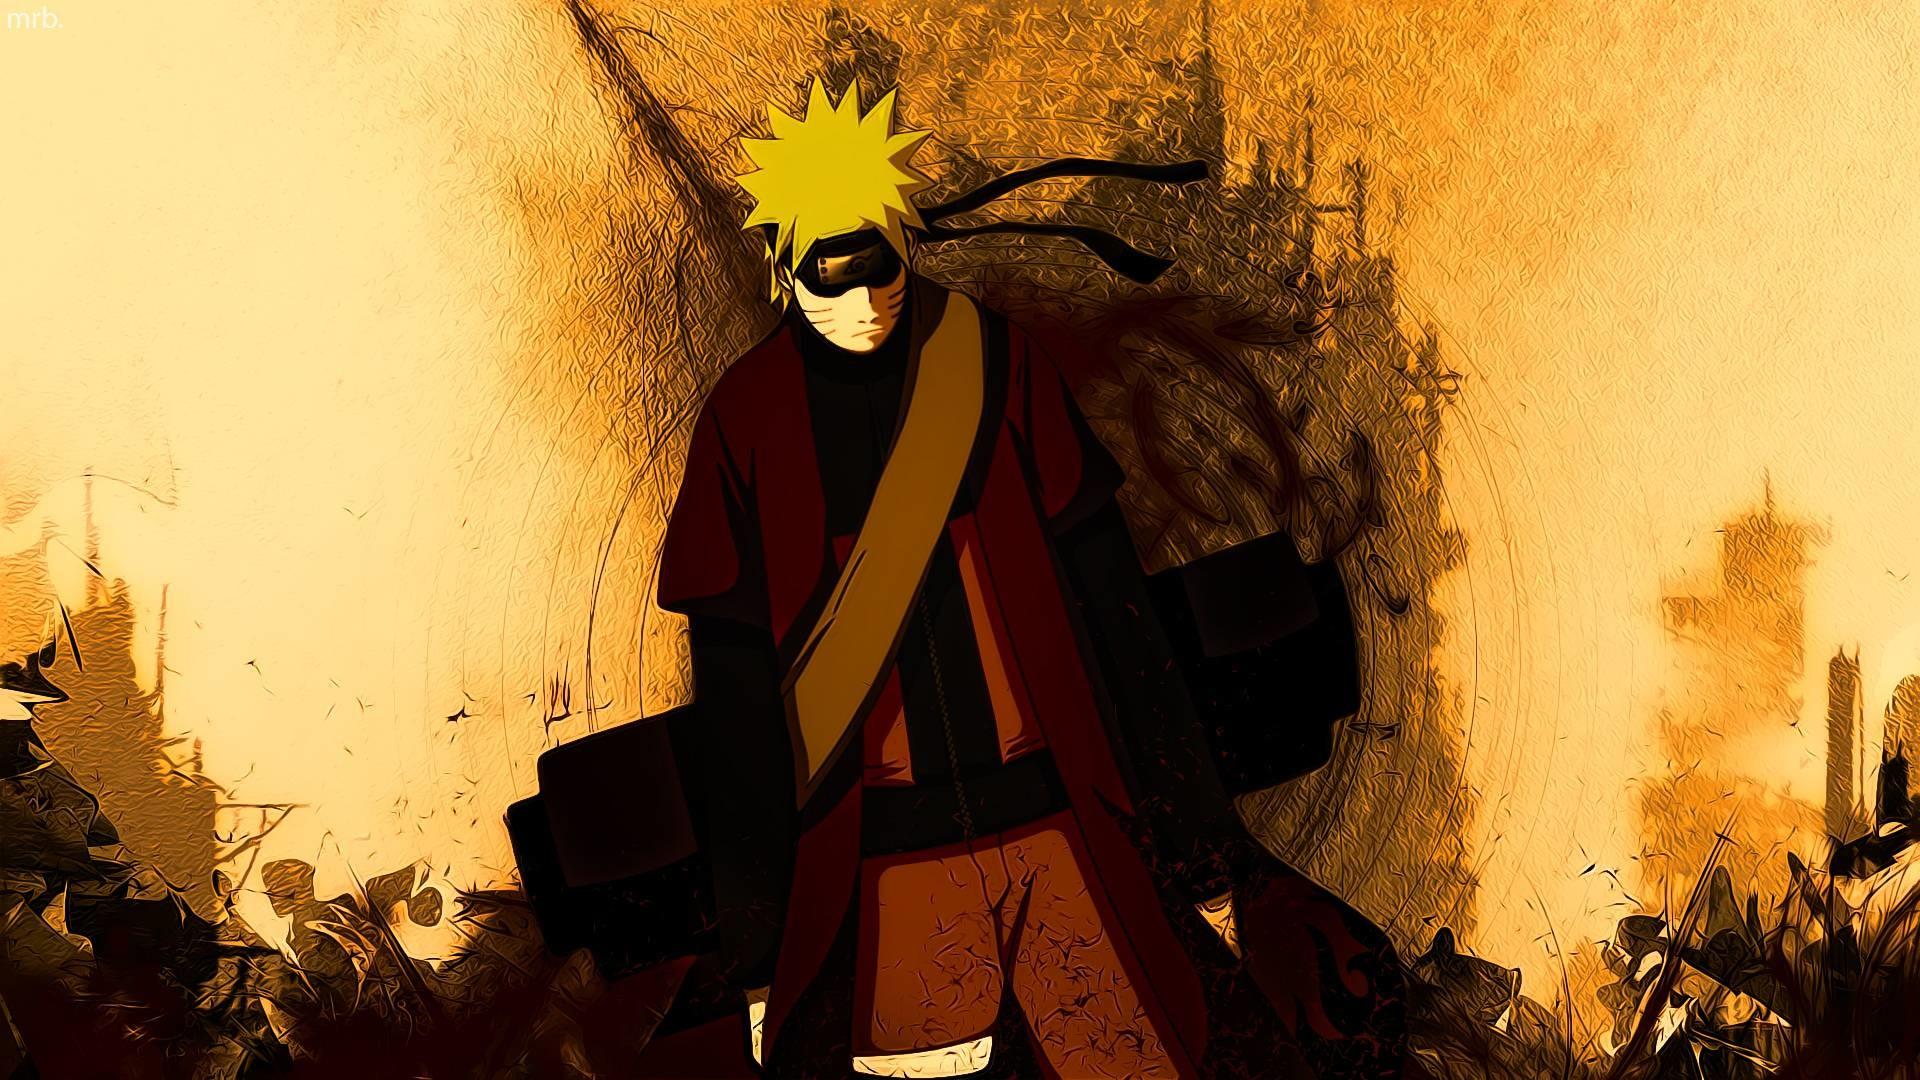 Naruto Ninja Hd Wallpaper #995 Wallpaper | kariswall.